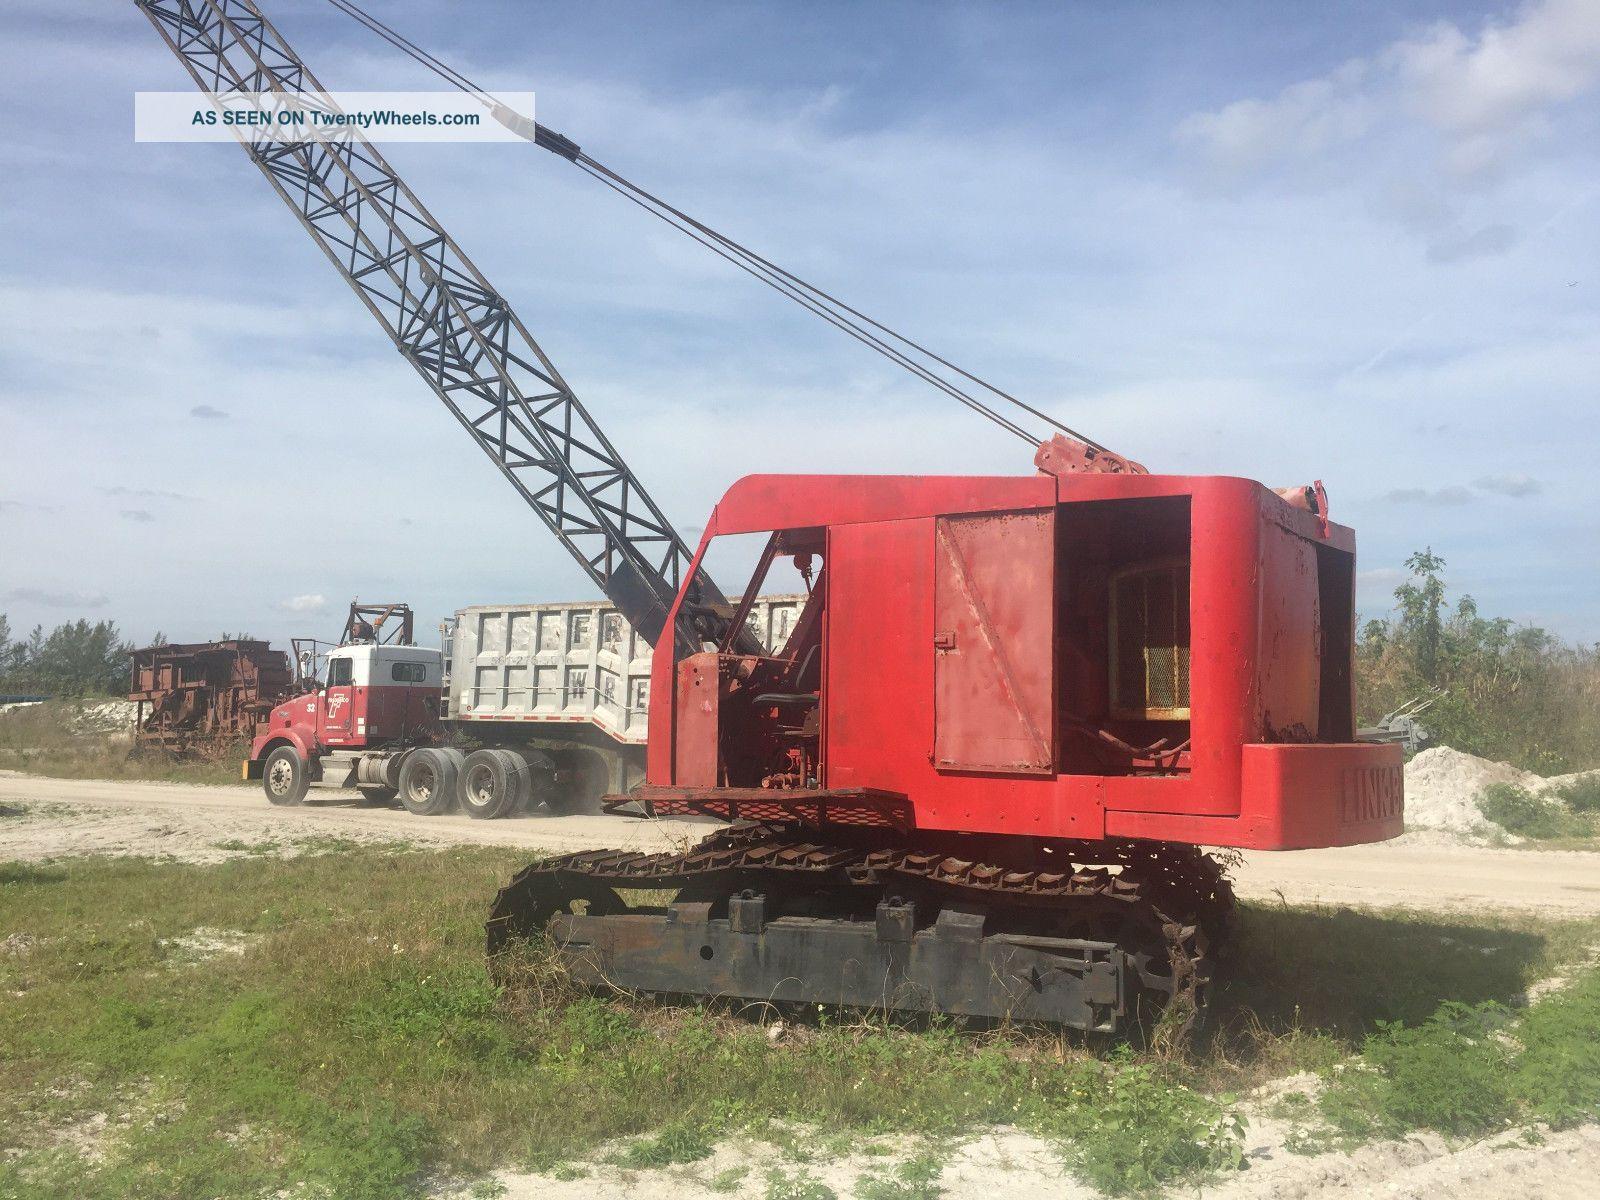 Linkbelt Ls78 Crane Cranes photo